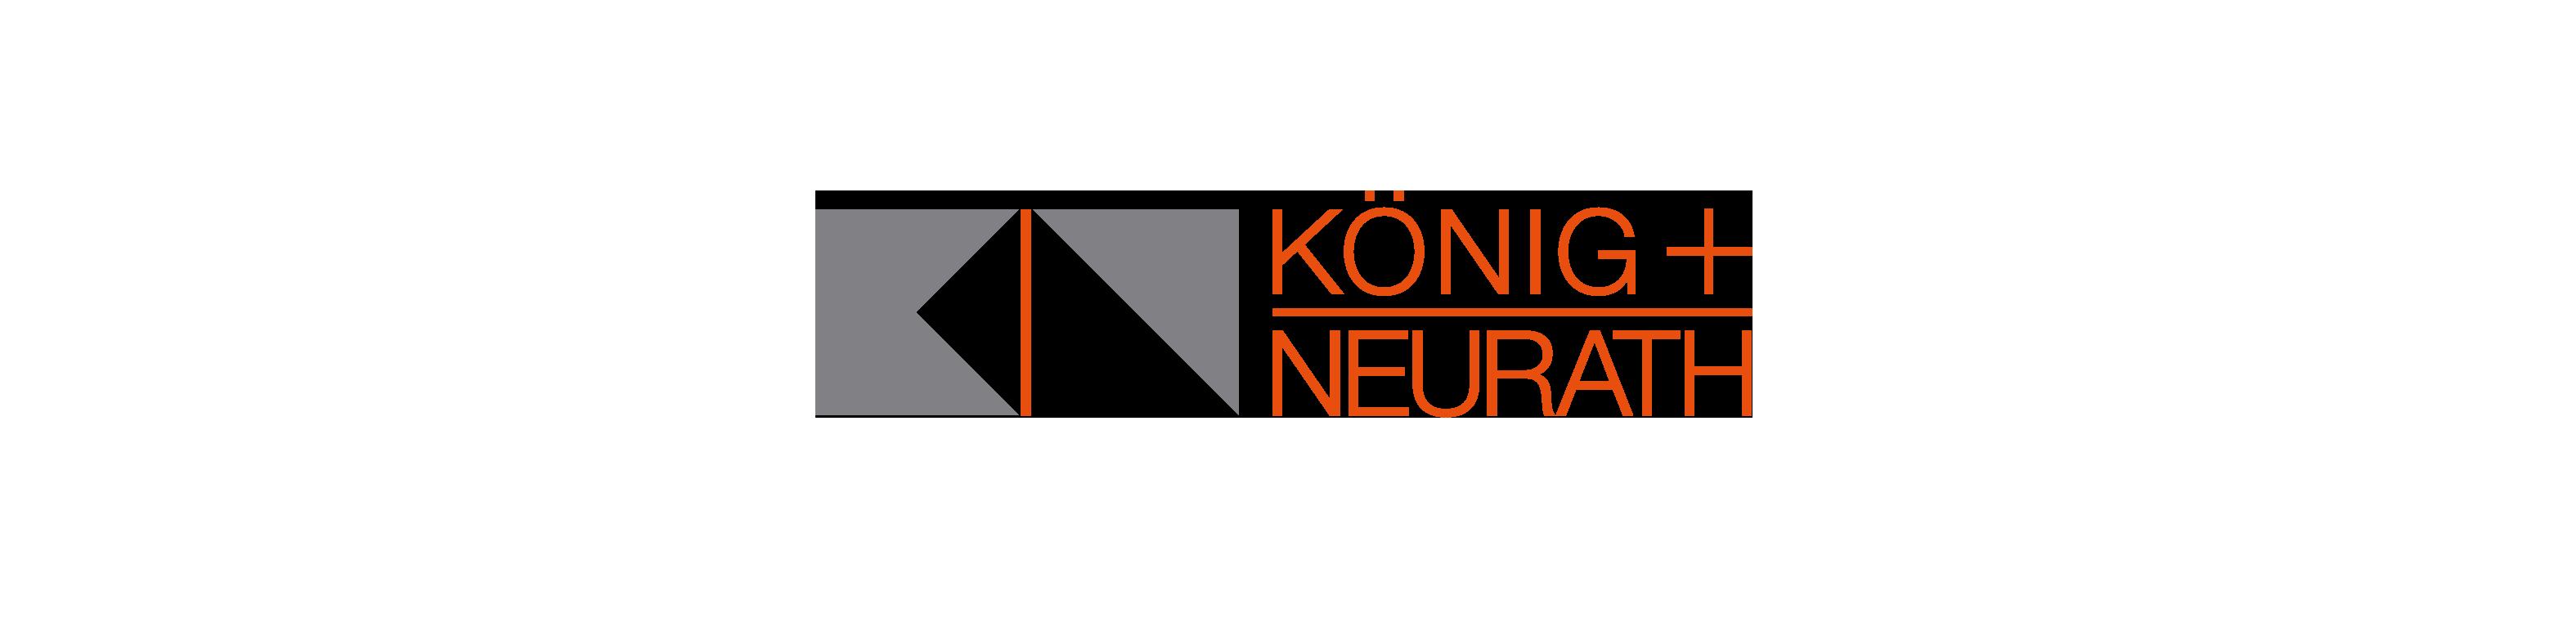 König Neurath - Case Study